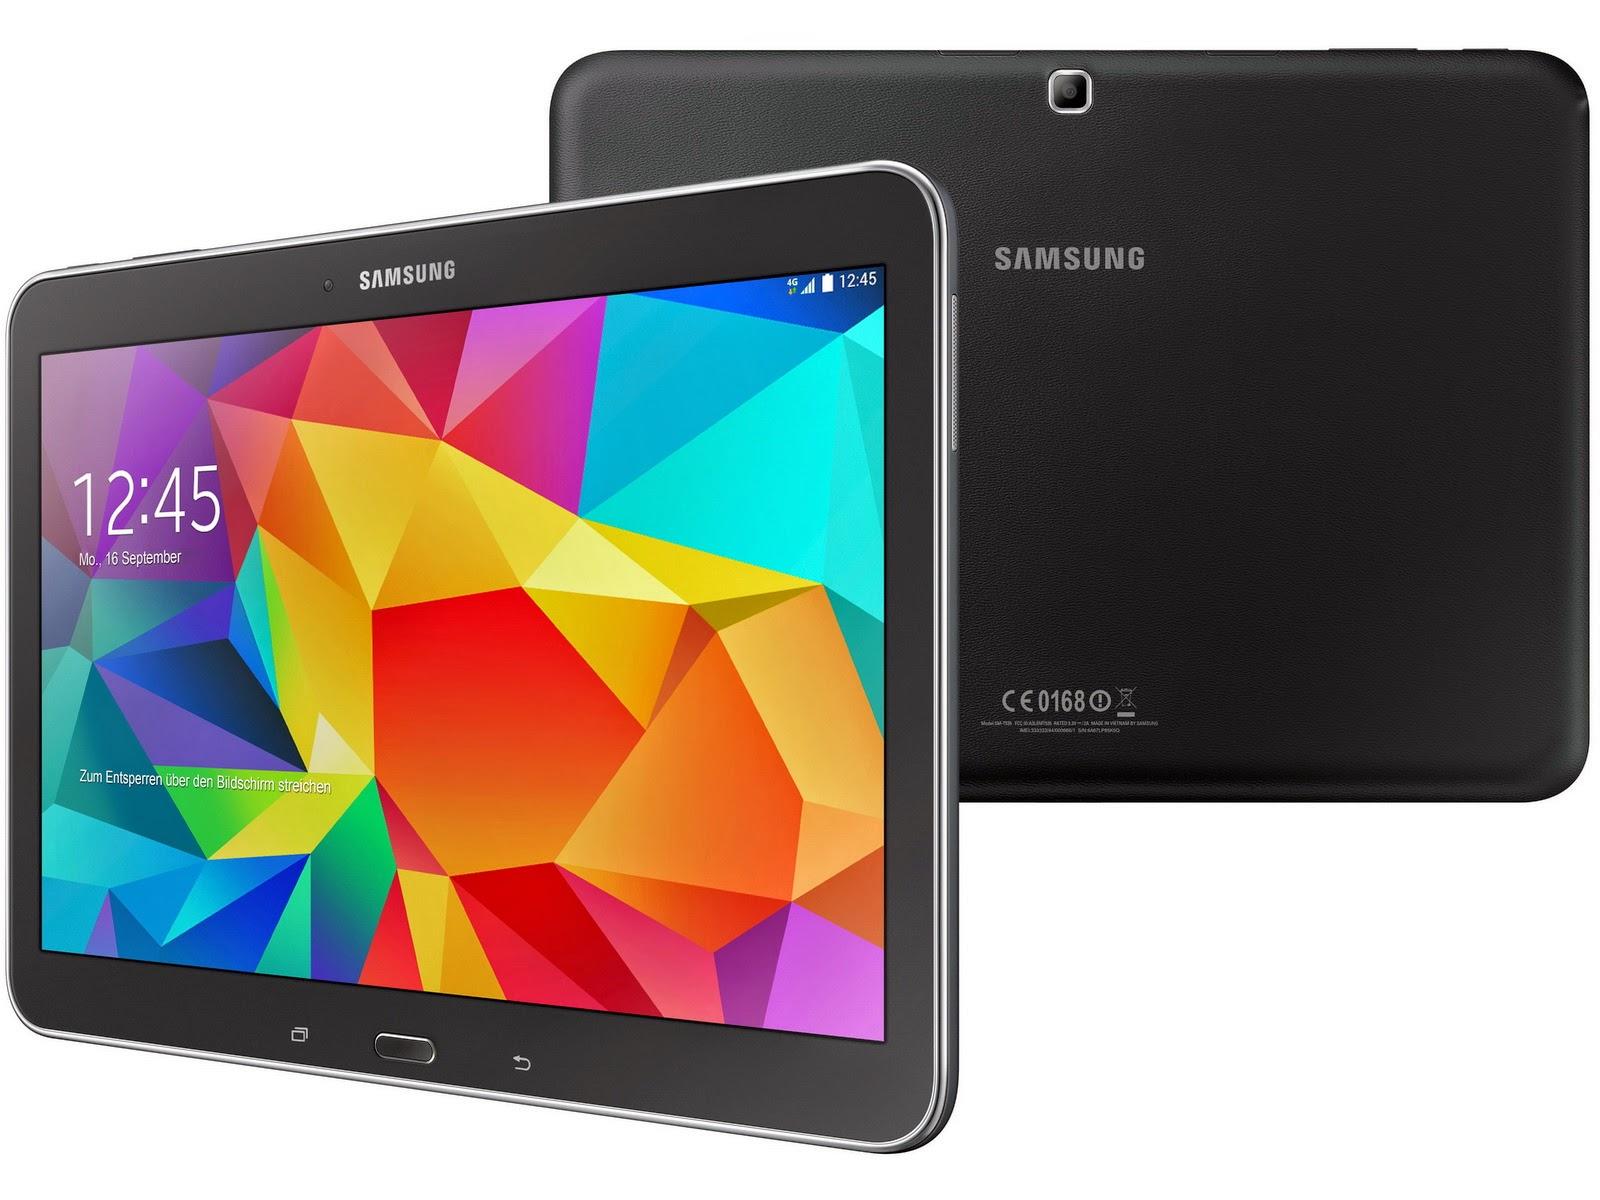 Harga Samsung Galaxy tab 4 10.1 inch Terbaru